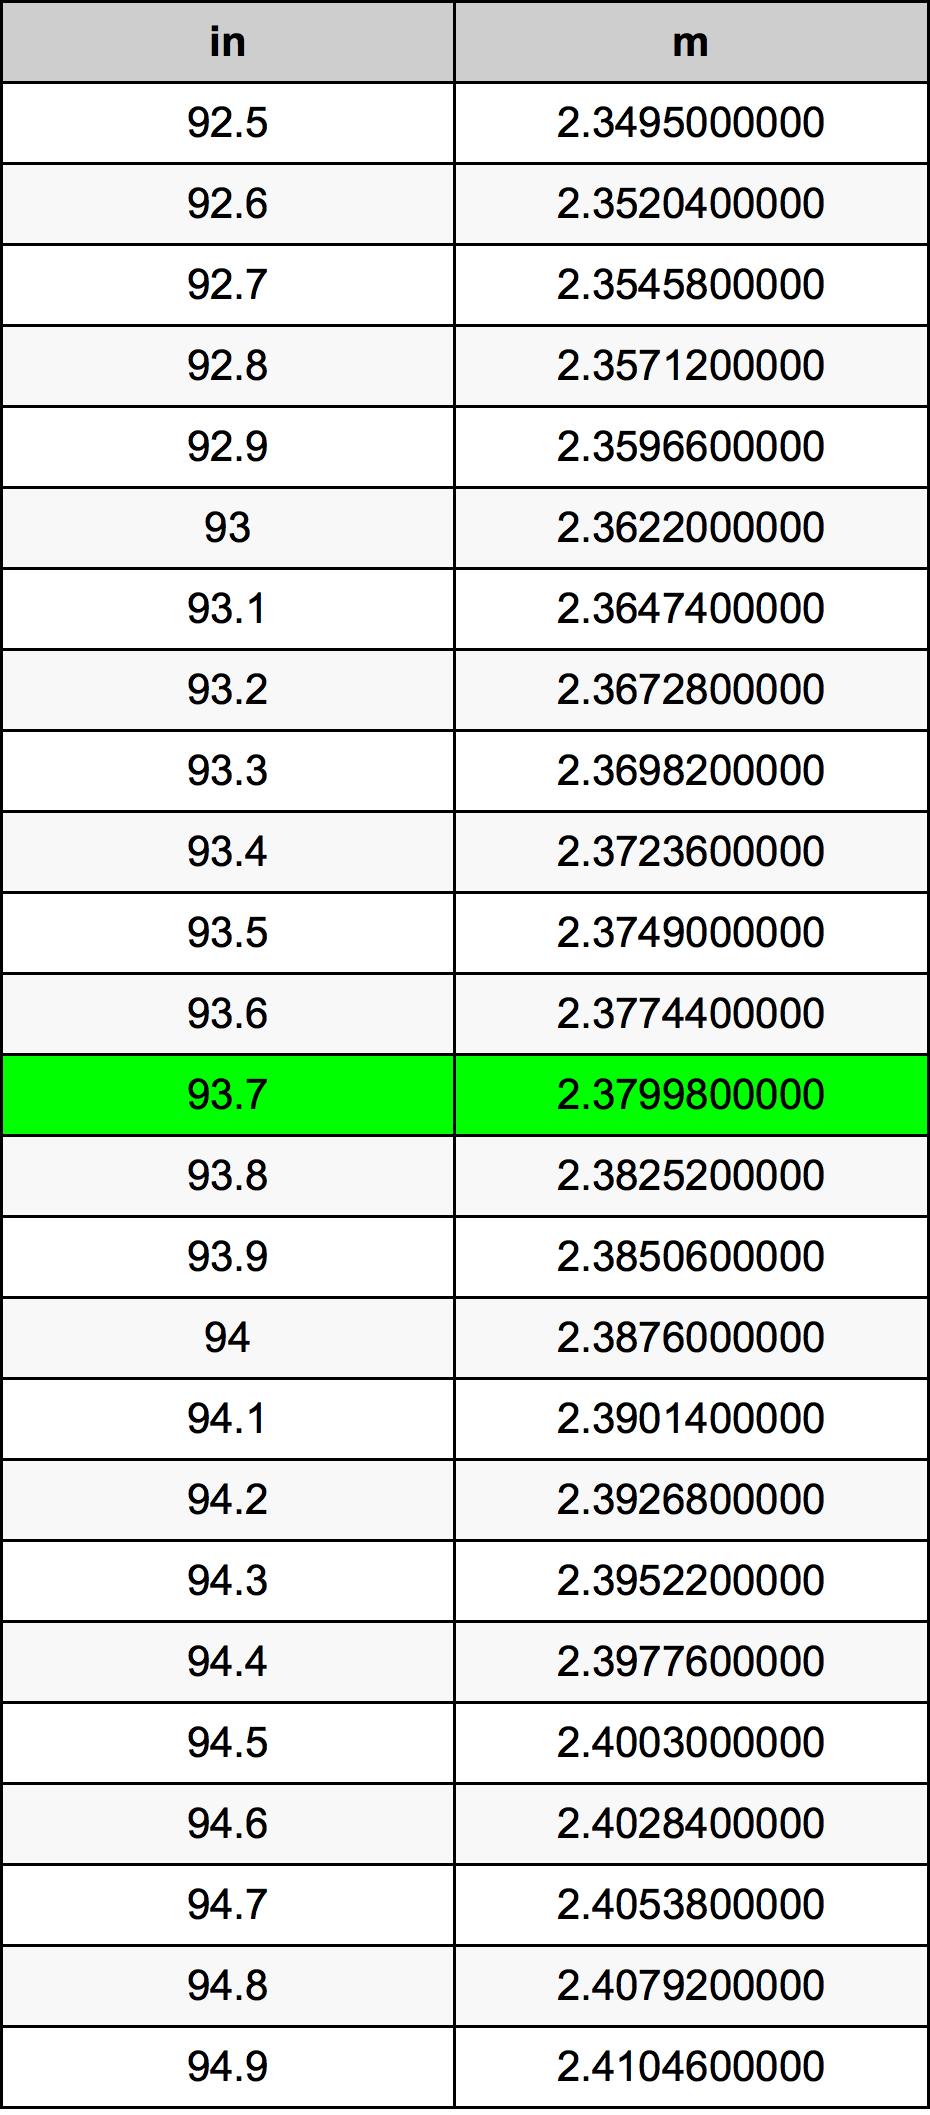 93.7 Pouce table de conversion